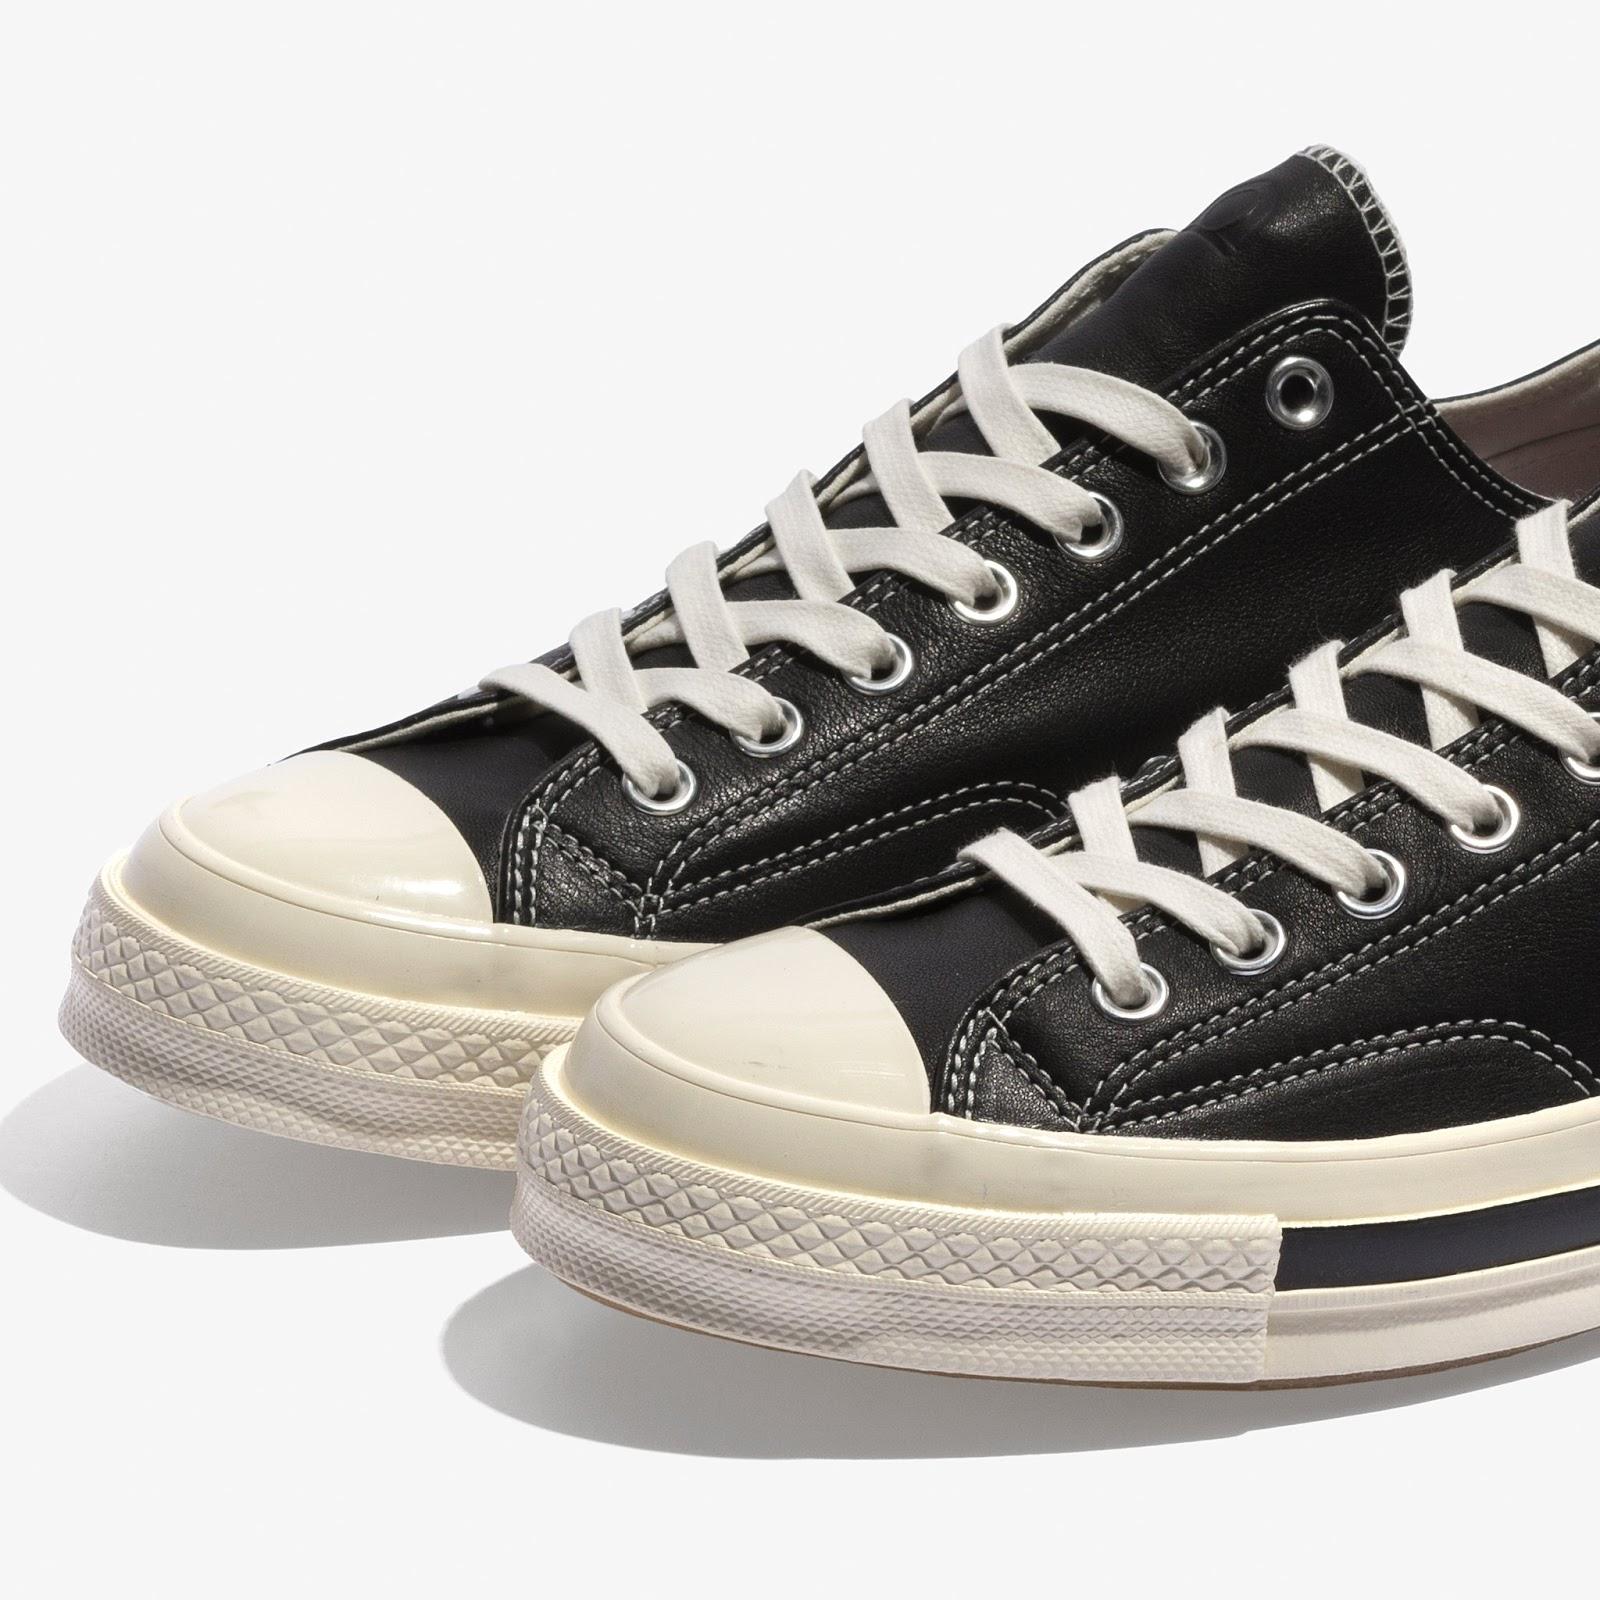 c68956b37fac8b Seoul-Ful Kicks  Converse X Kasina Chuck 70 Ox Sneaker